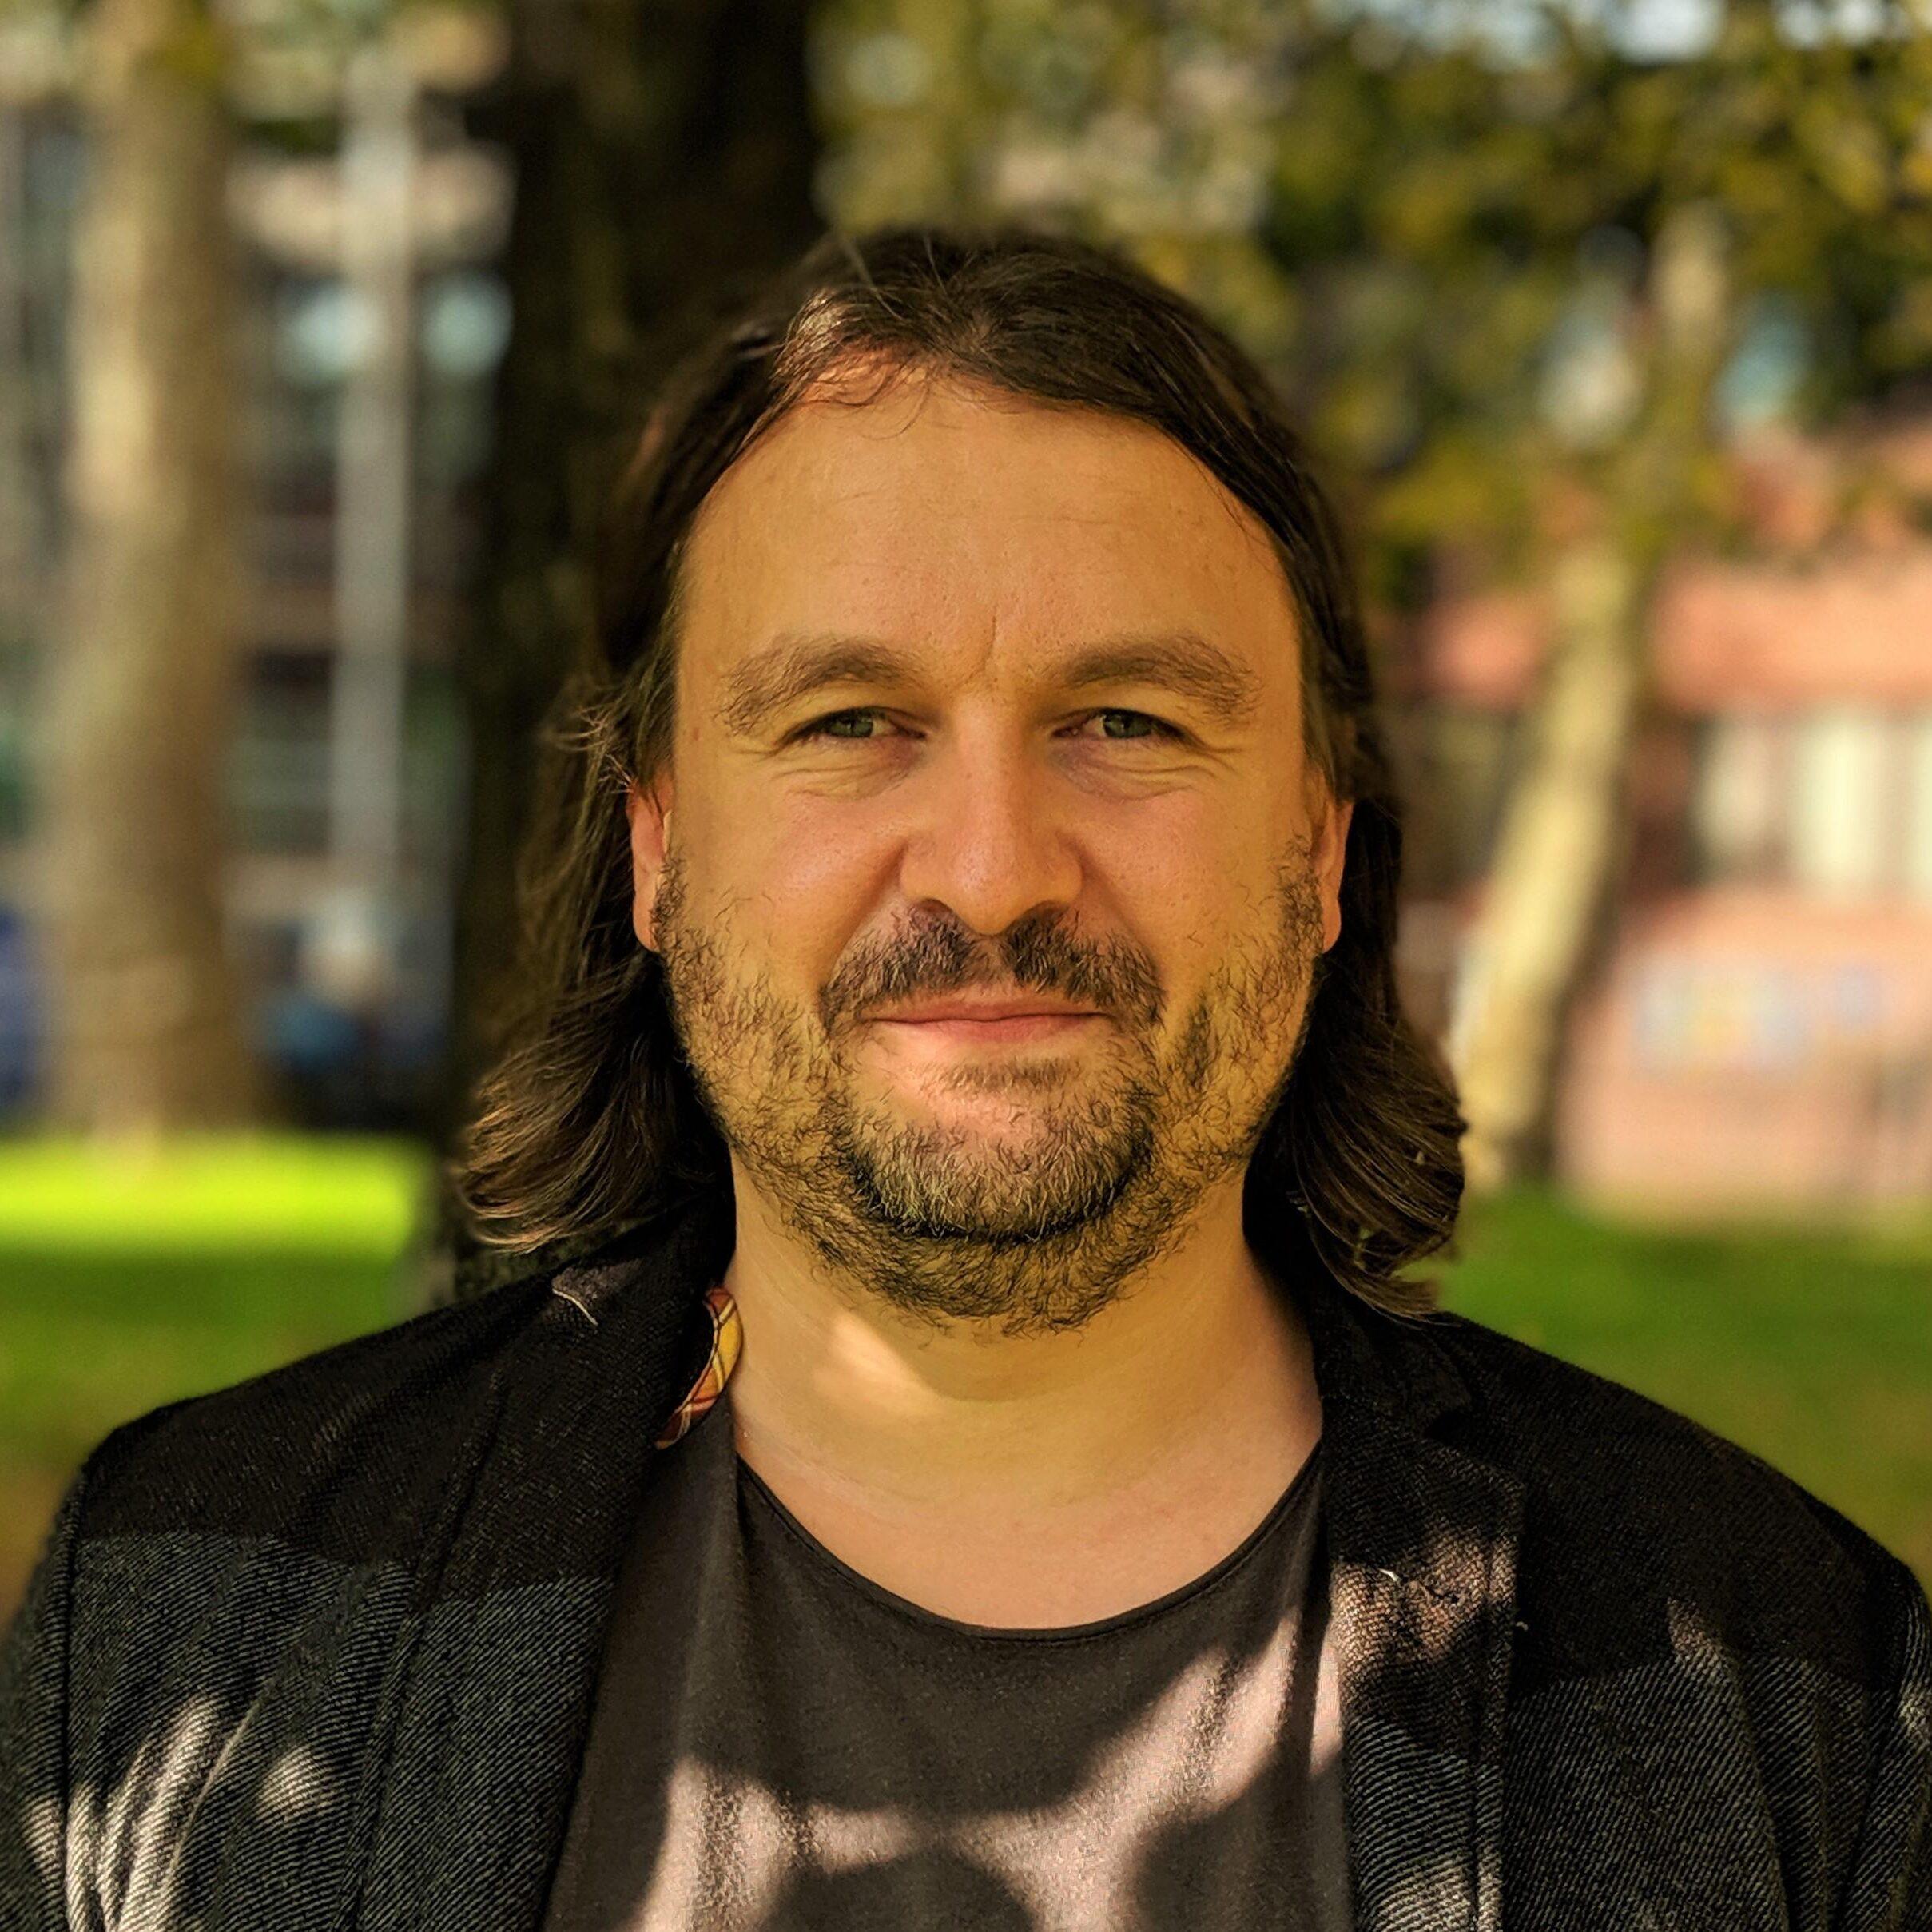 Benjamin Werner